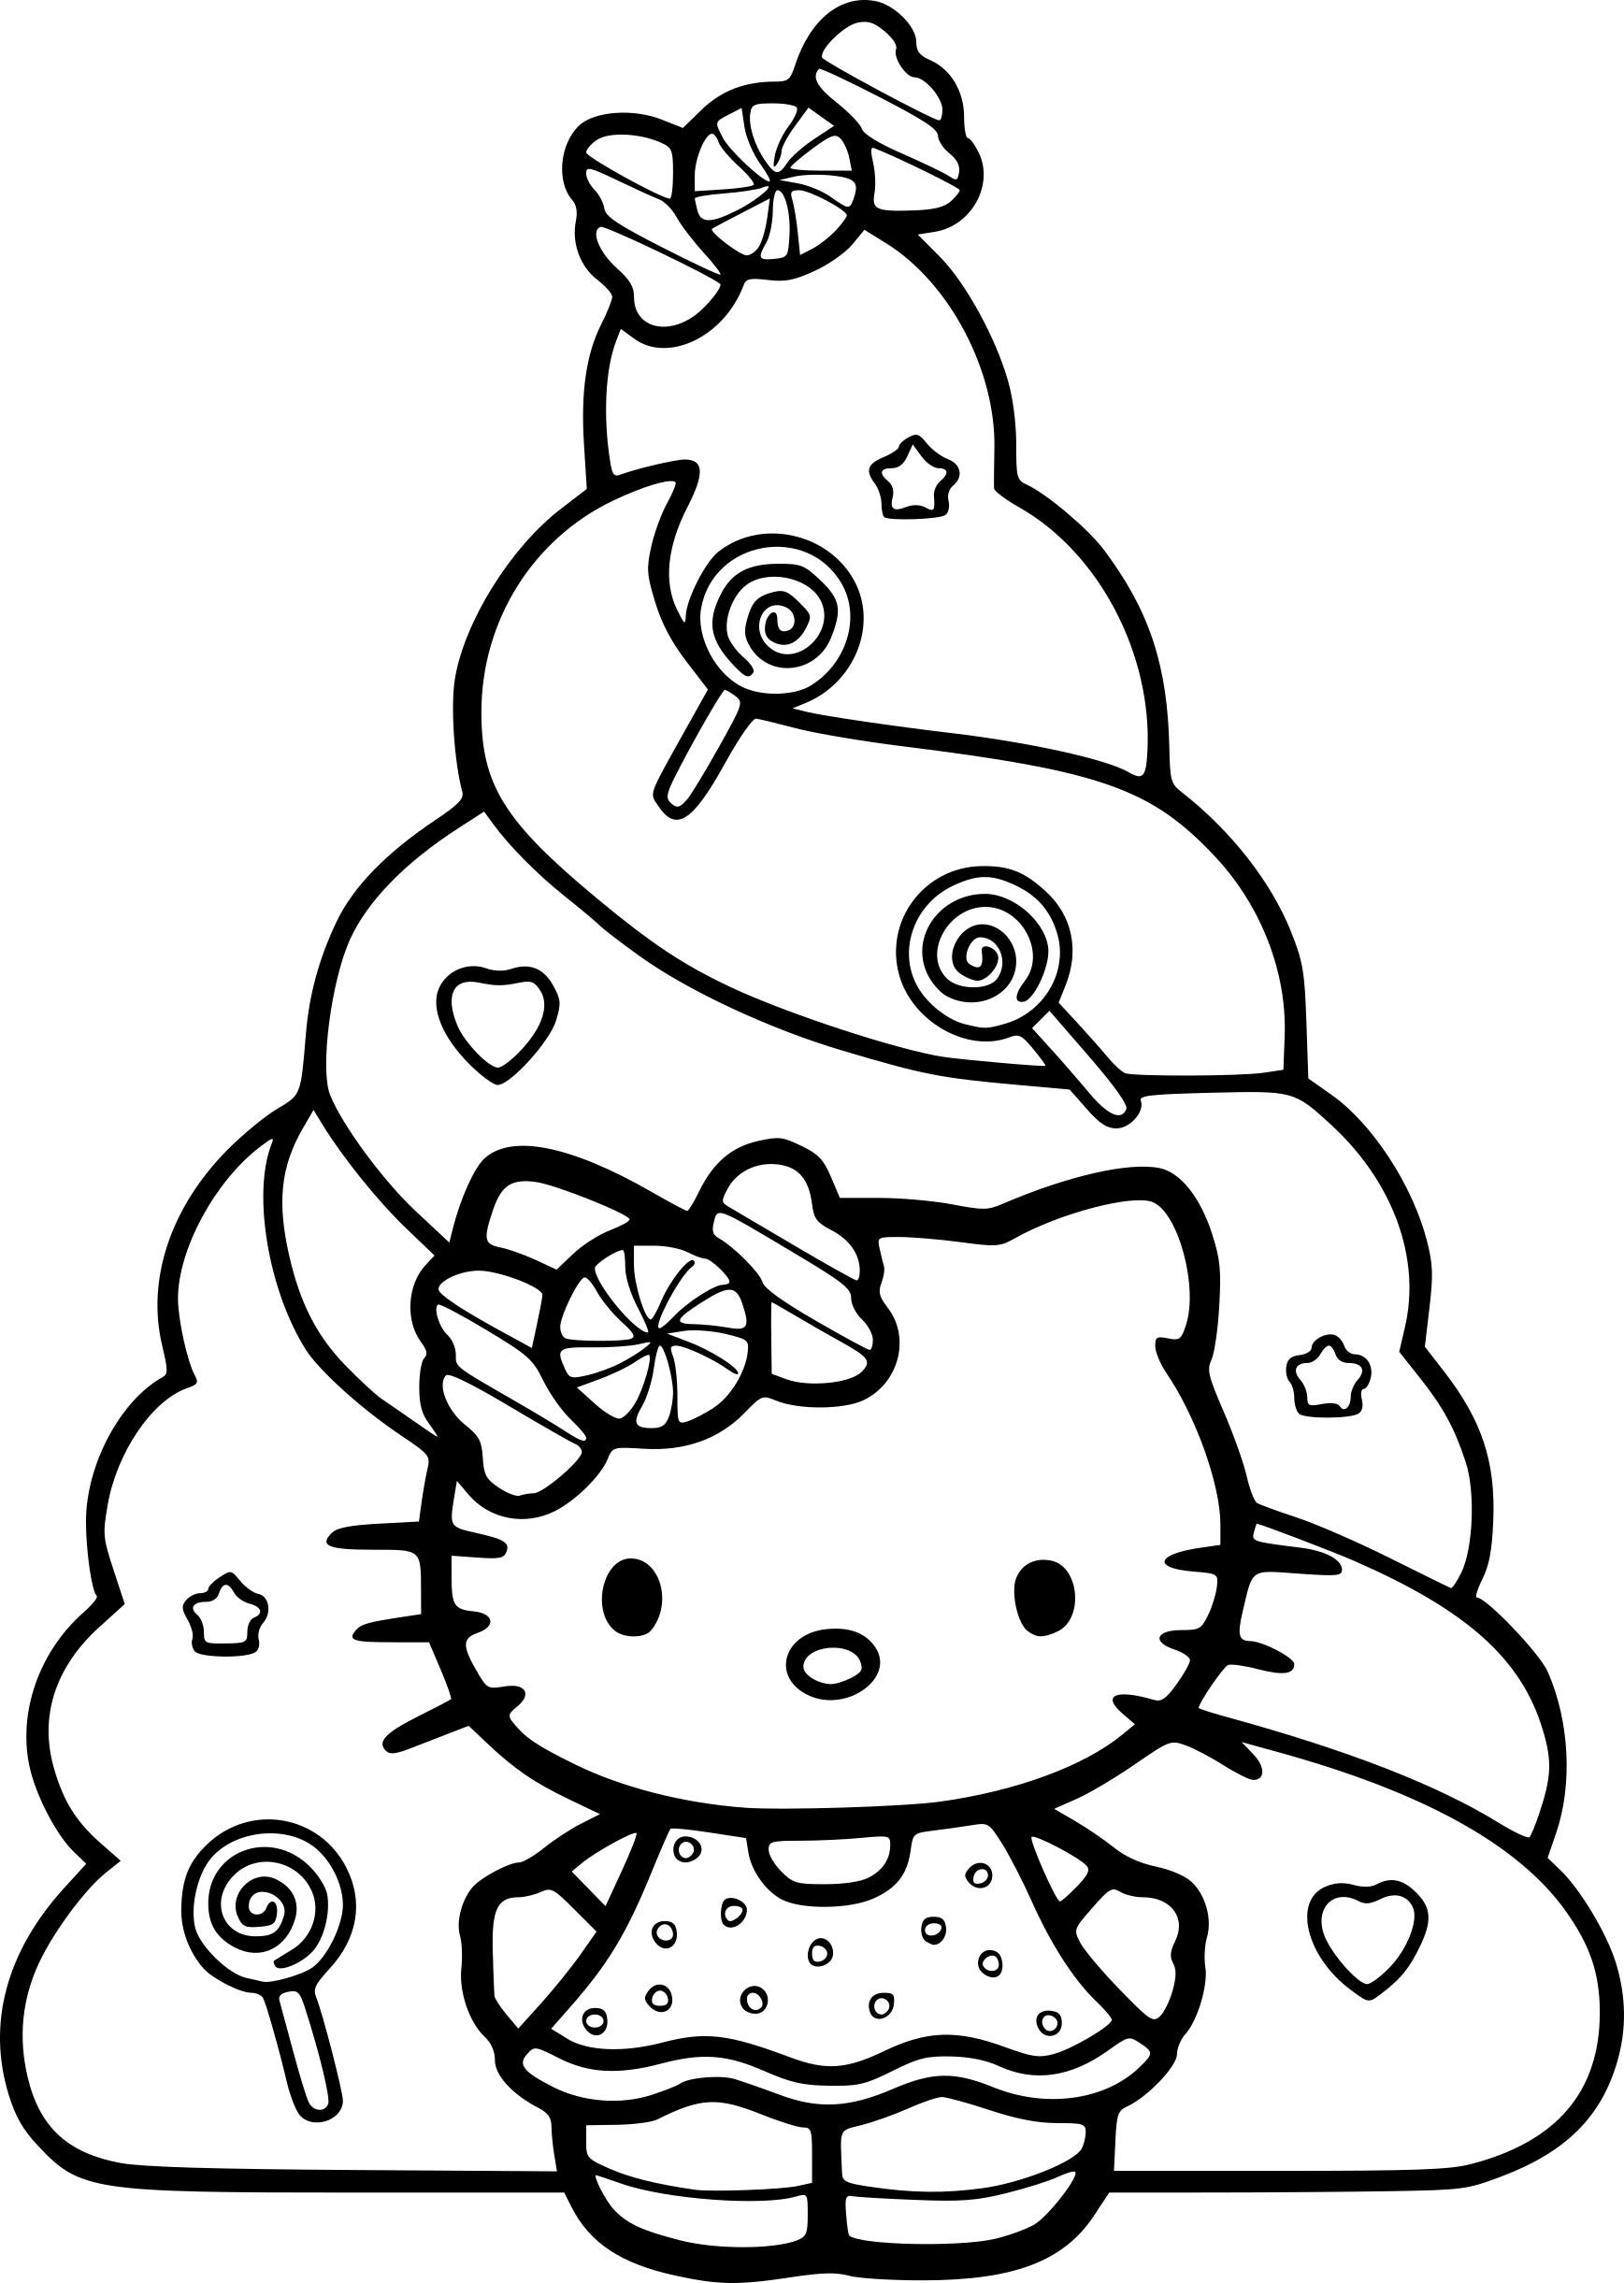 Coloriage Hello Kitty Noel Dessin À Imprimer Sur Coloriages tout Hello Kitty À Dessiner